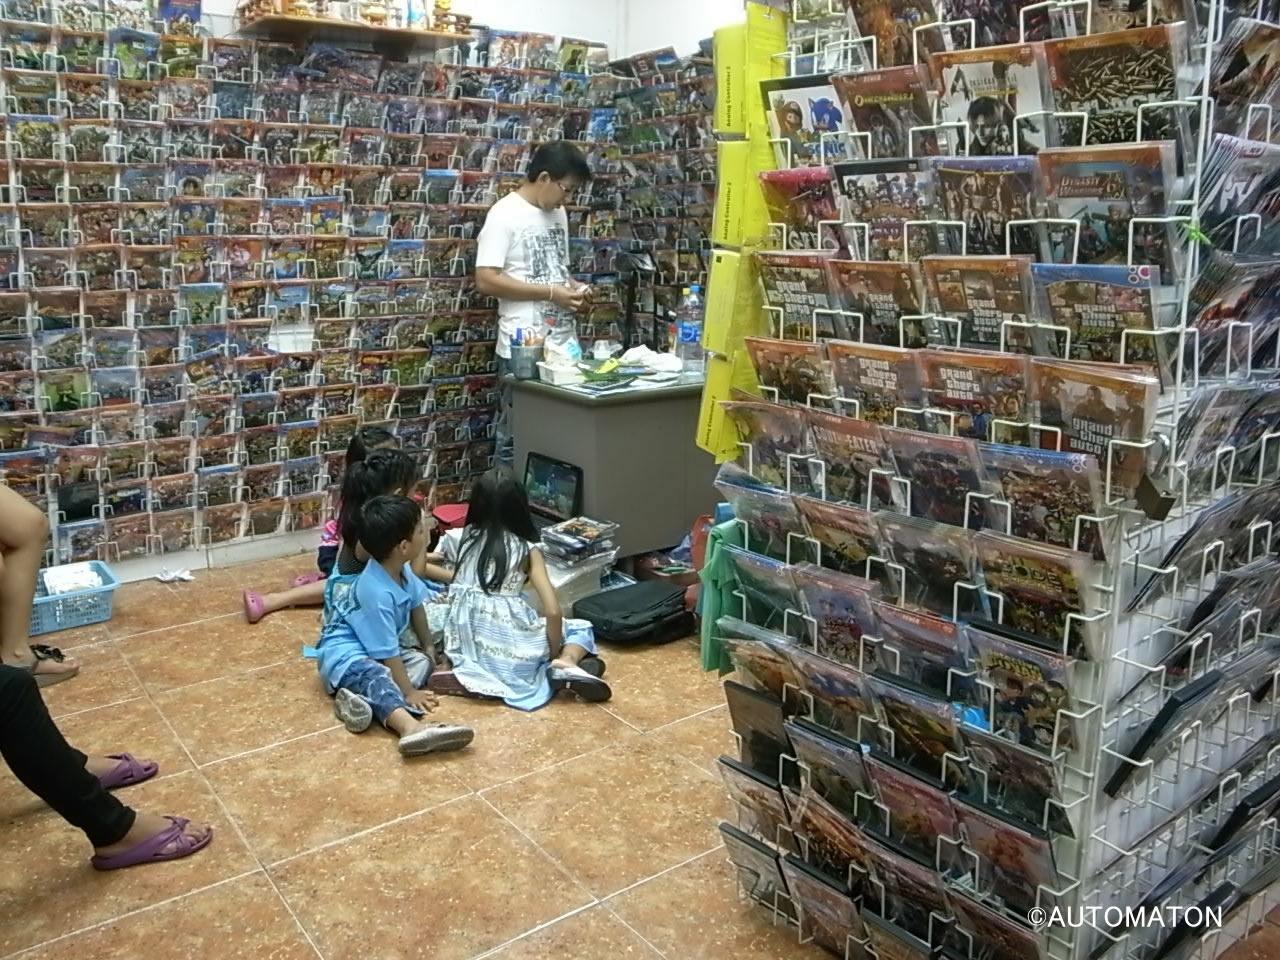 サパーンレックの典型的なゲームショップ。子供たちにも大人気!